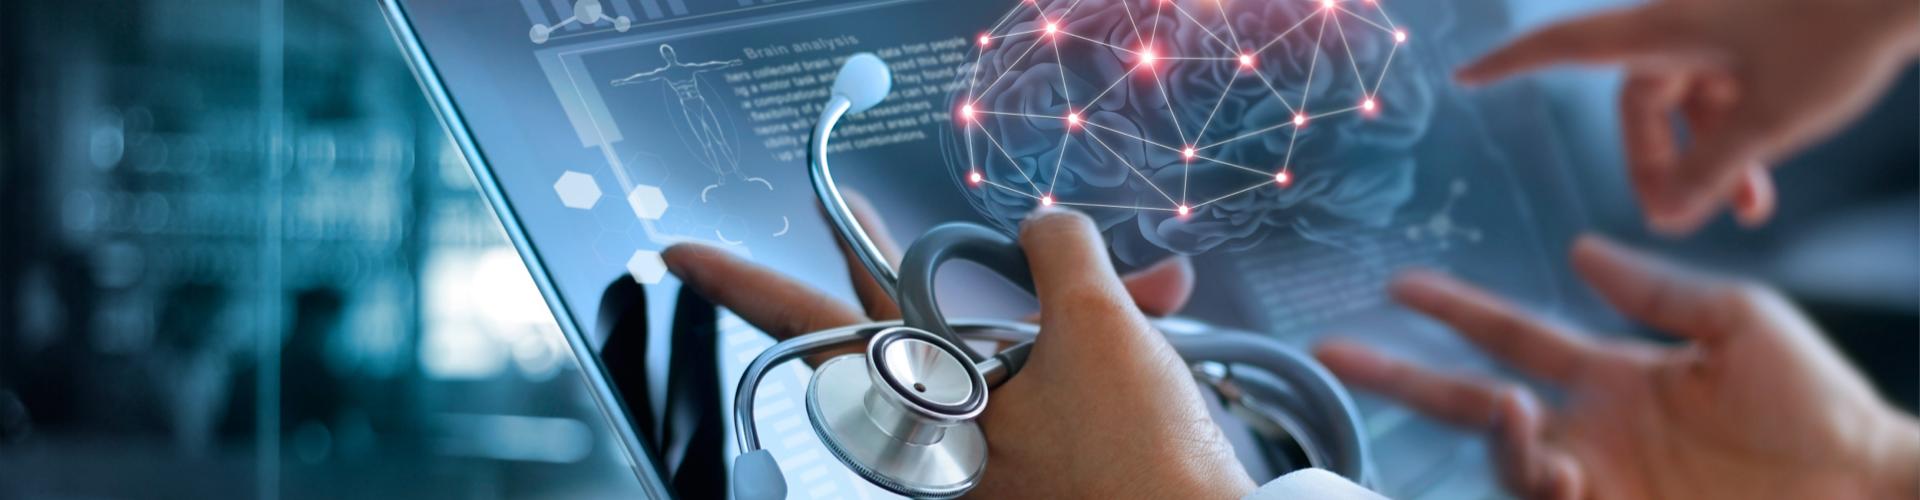 Features 2 - Zeptronic Diagnostics Features & Benefits